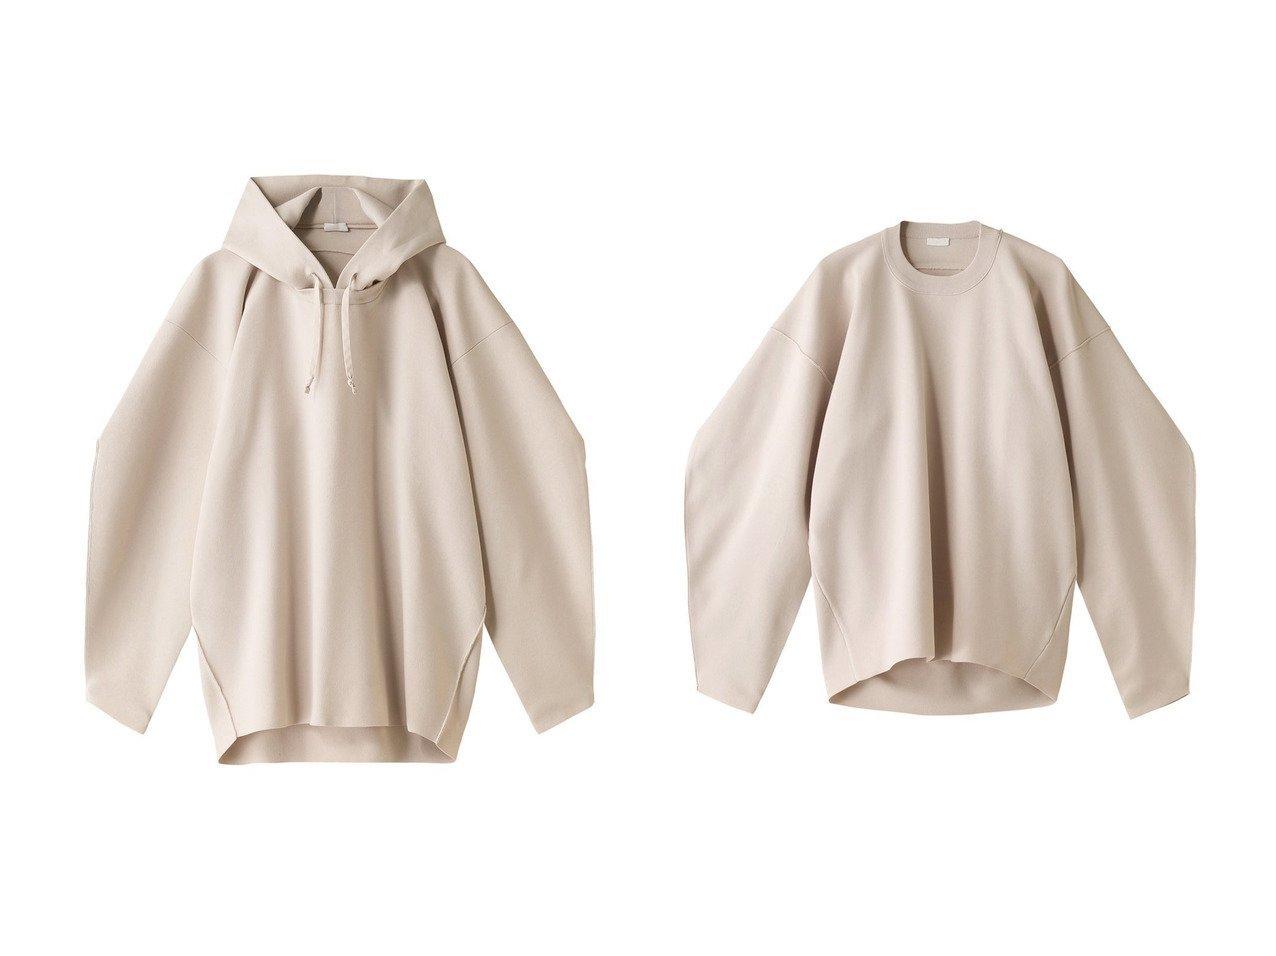 【RITO/リト】のオーバーサイズフーデッドセーター&オーバーサイズラウンドネックセーター トップス・カットソーのおすすめ!人気、トレンド・レディースファッションの通販 おすすめで人気の流行・トレンド、ファッションの通販商品 メンズファッション・キッズファッション・インテリア・家具・レディースファッション・服の通販 founy(ファニー) https://founy.com/ ファッション Fashion レディースファッション WOMEN トップス Tops Tshirt ニット Knit Tops パーカ Sweats プルオーバー Pullover 2021年 2021 2021 春夏 S/S SS Spring/Summer 2021 S/S 春夏 SS Spring/Summer パーカー 春 Spring |ID:crp329100000013098